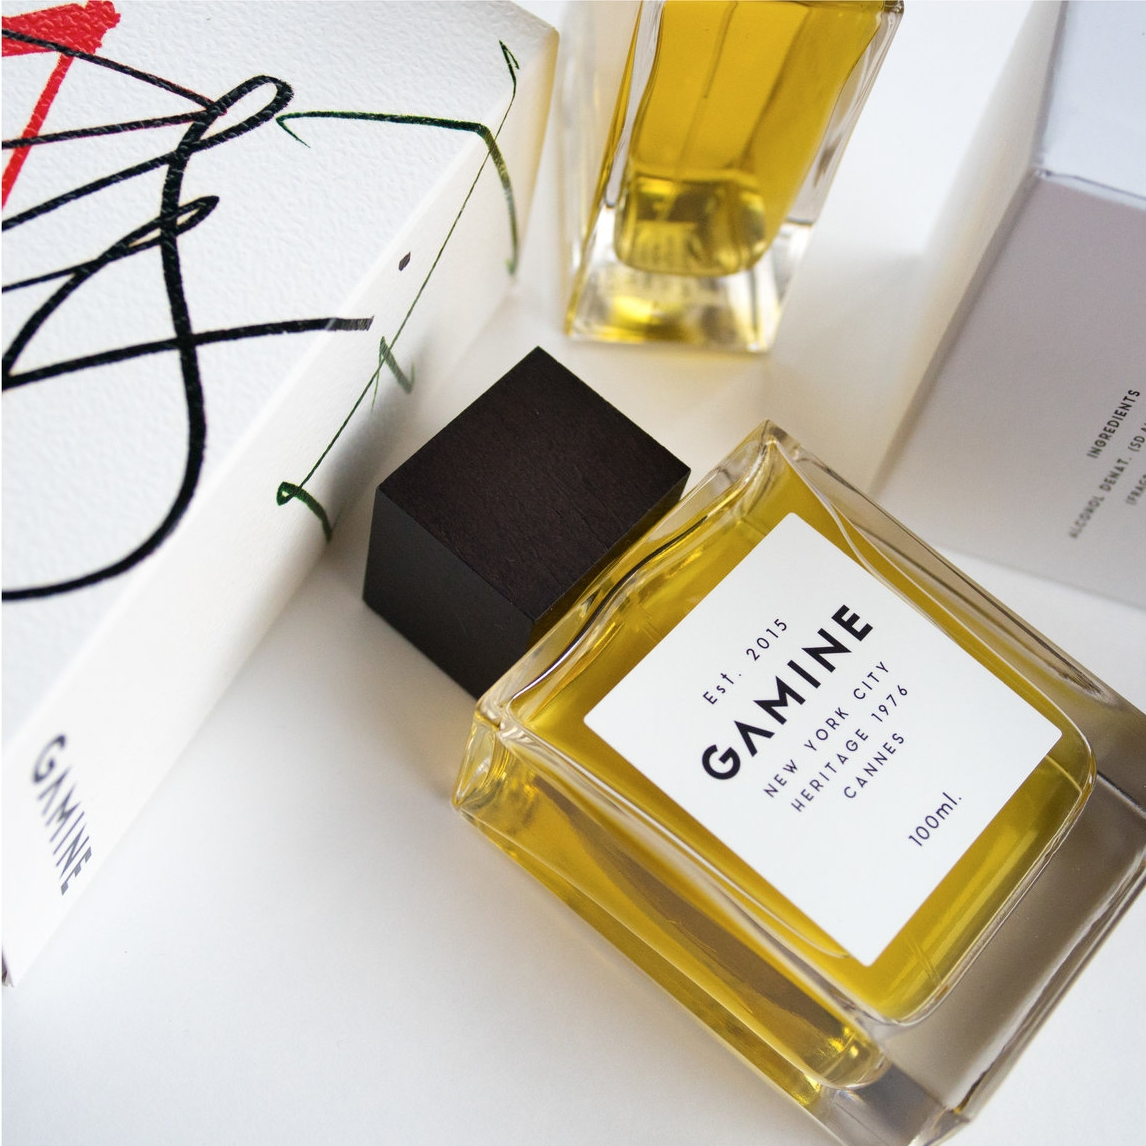 Gamine Parfums Lookbook_Page_17.jpg